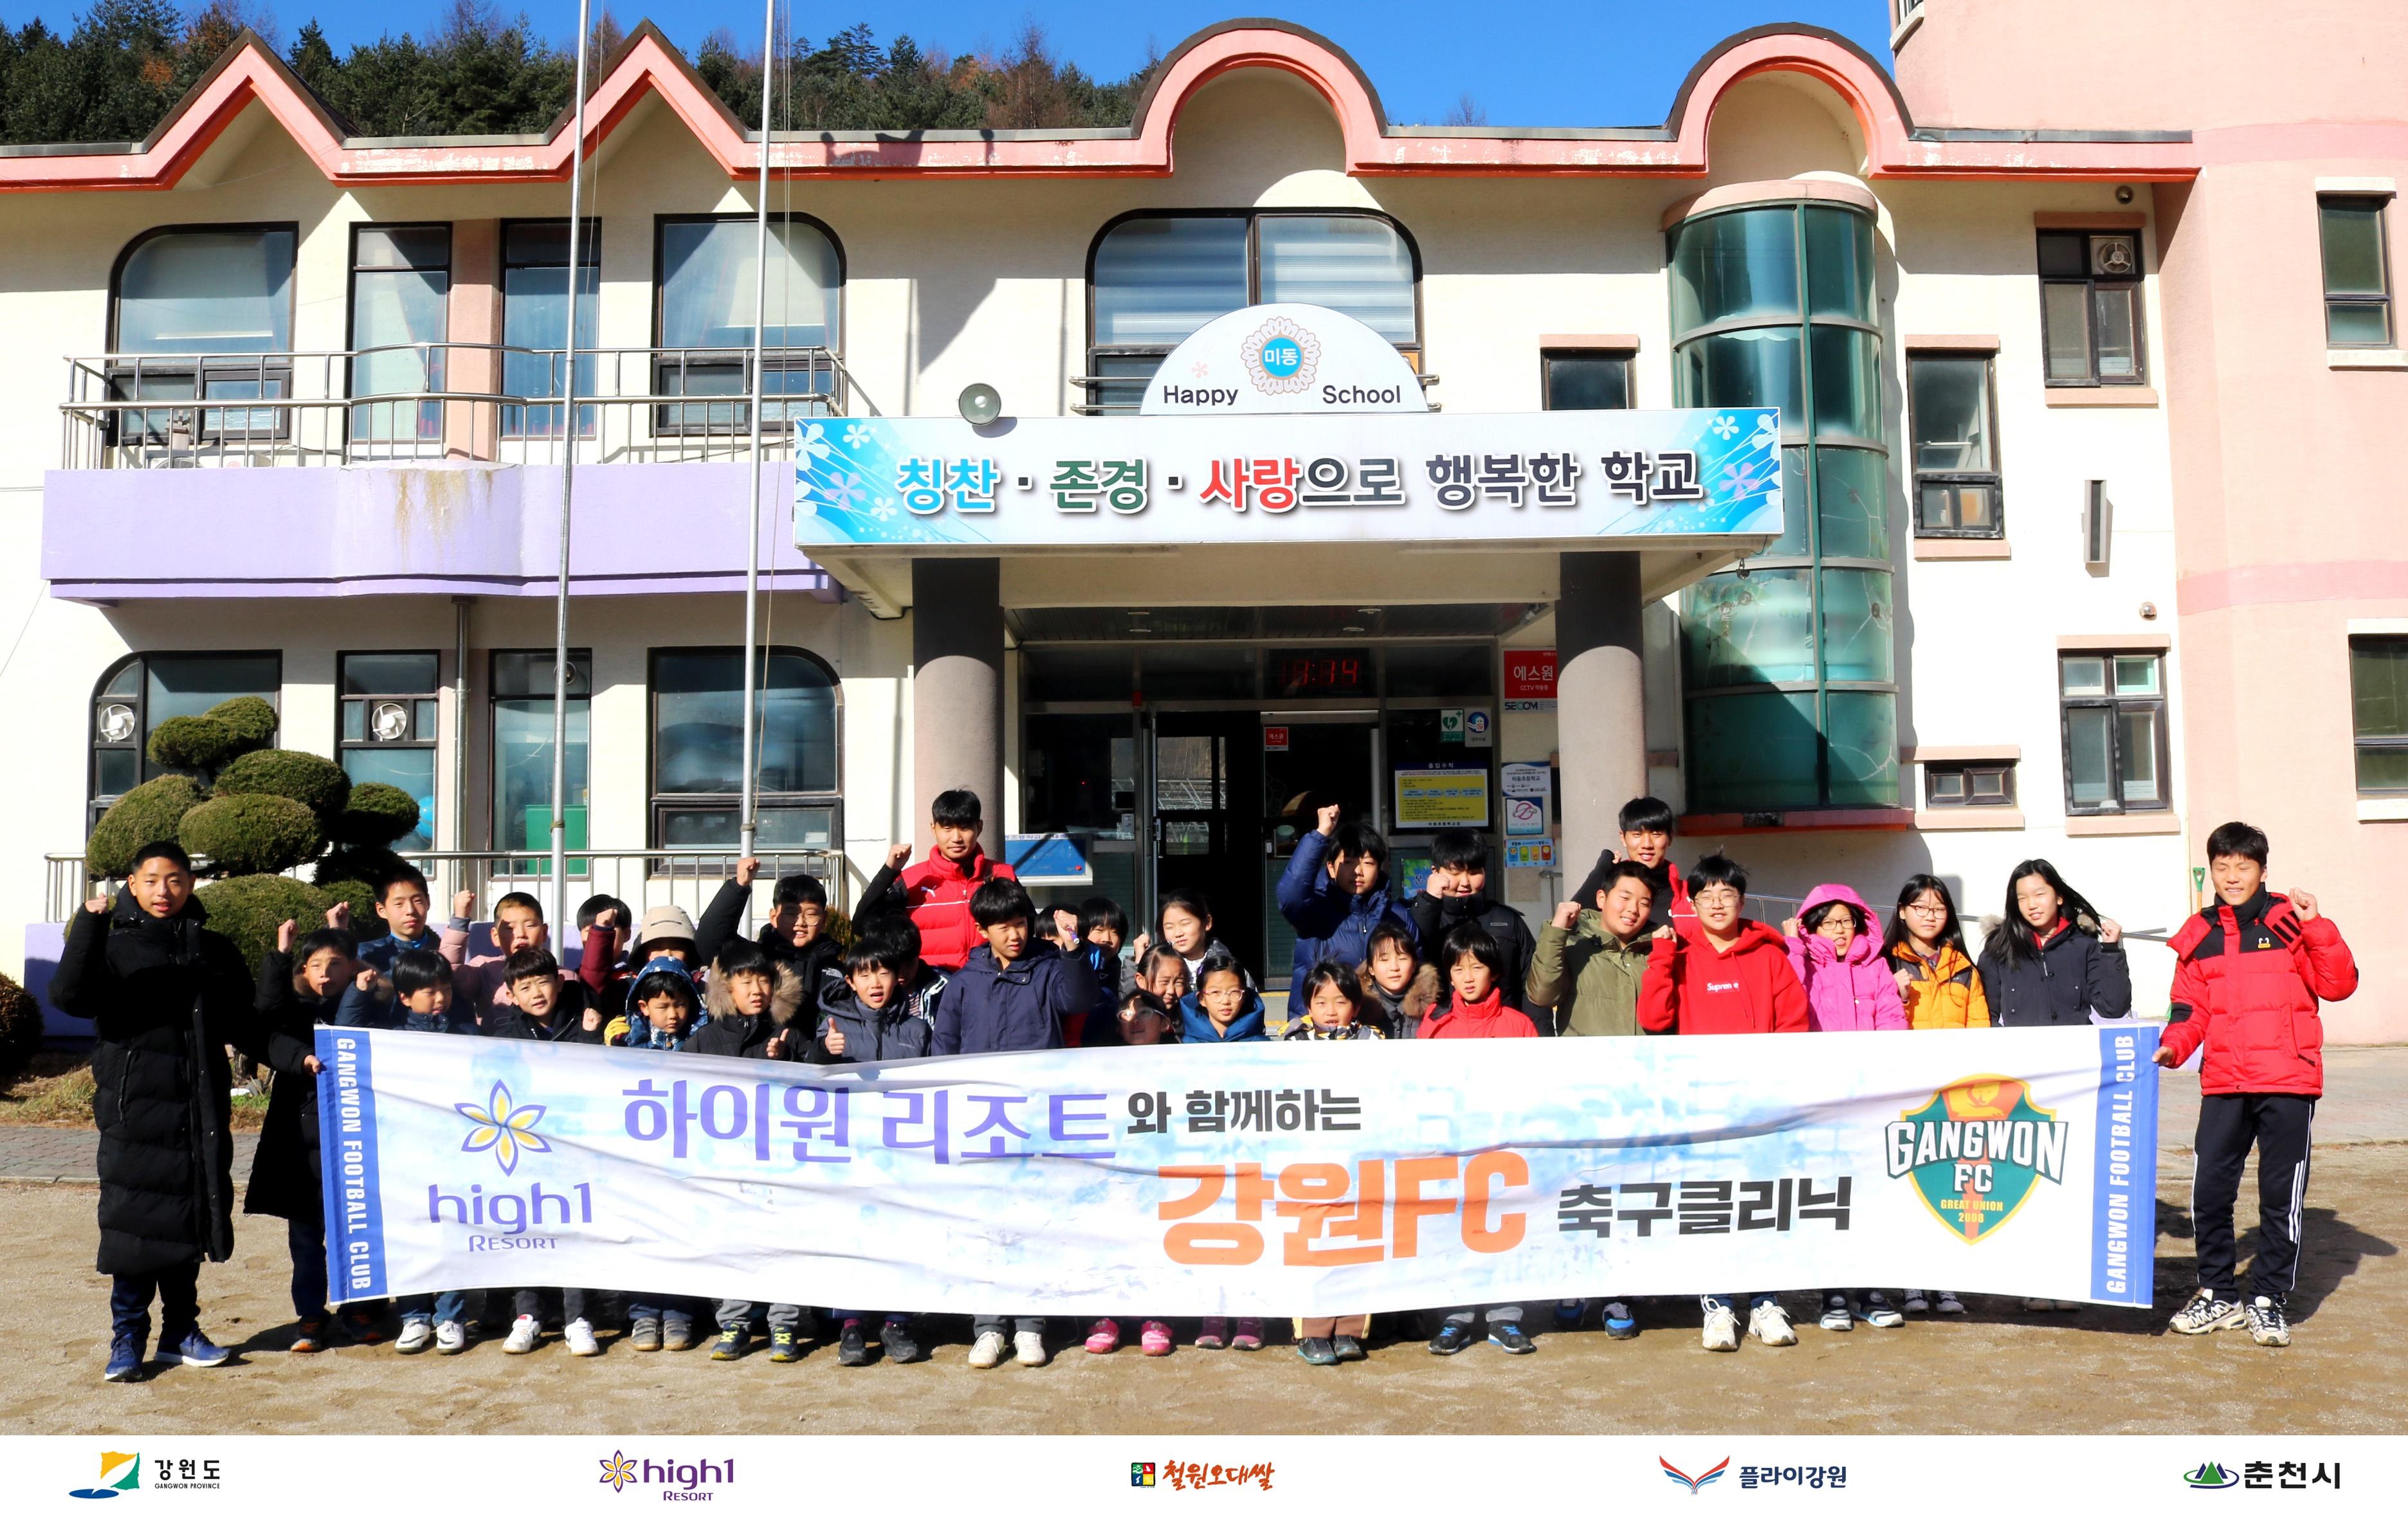 강원FC, A매치 휴식기 맞아 사회 공헌 및 지역밀착 활동 실시